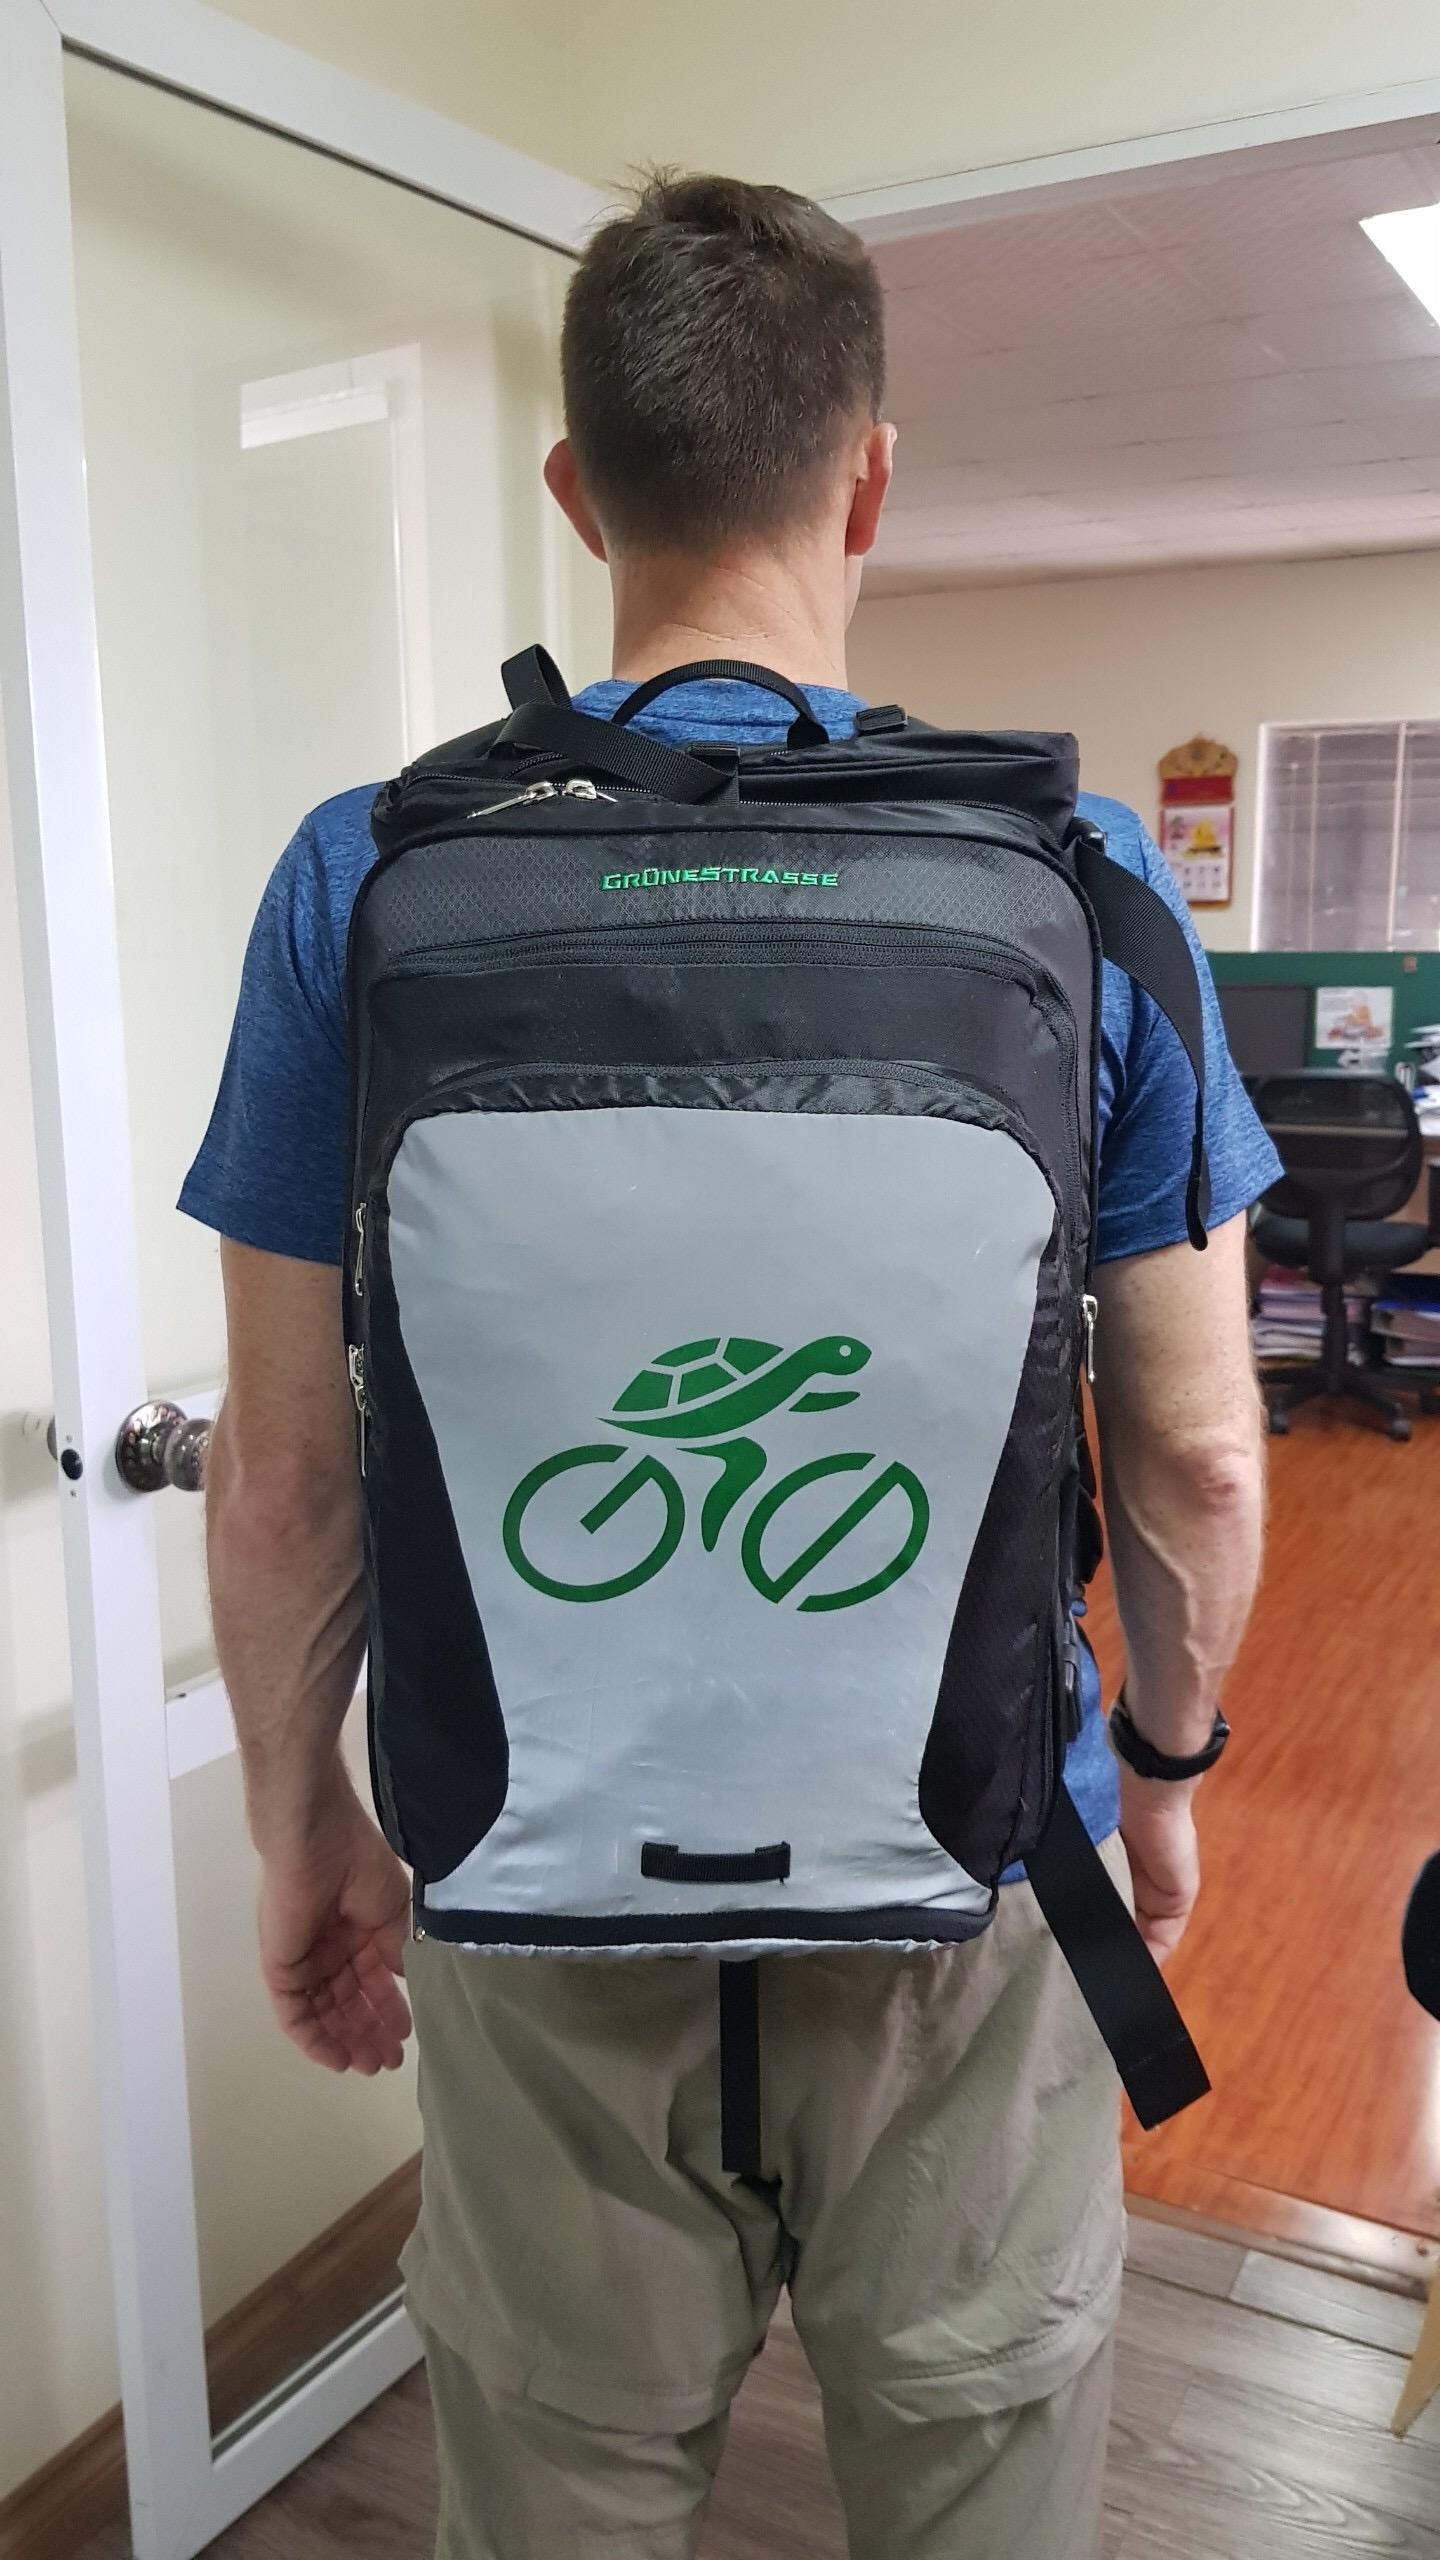 Version F Shellback Bike to Work Backpack